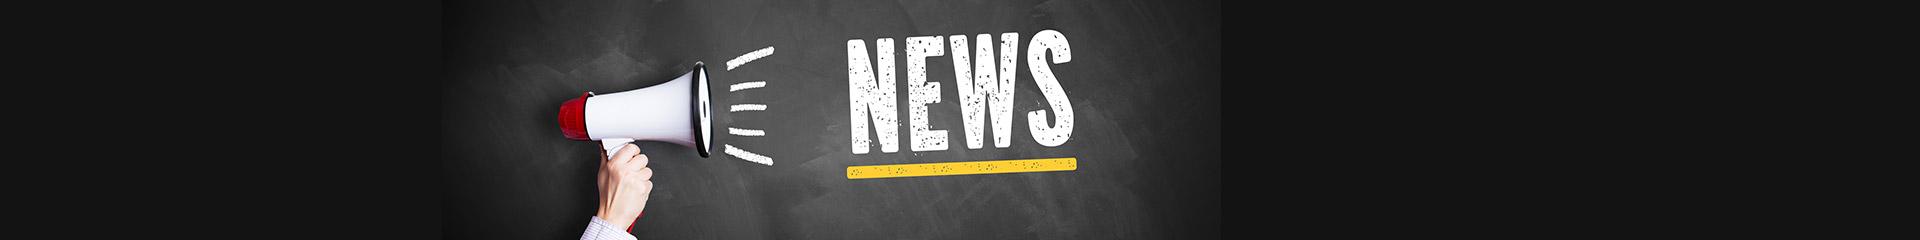 bg-1920×240-news